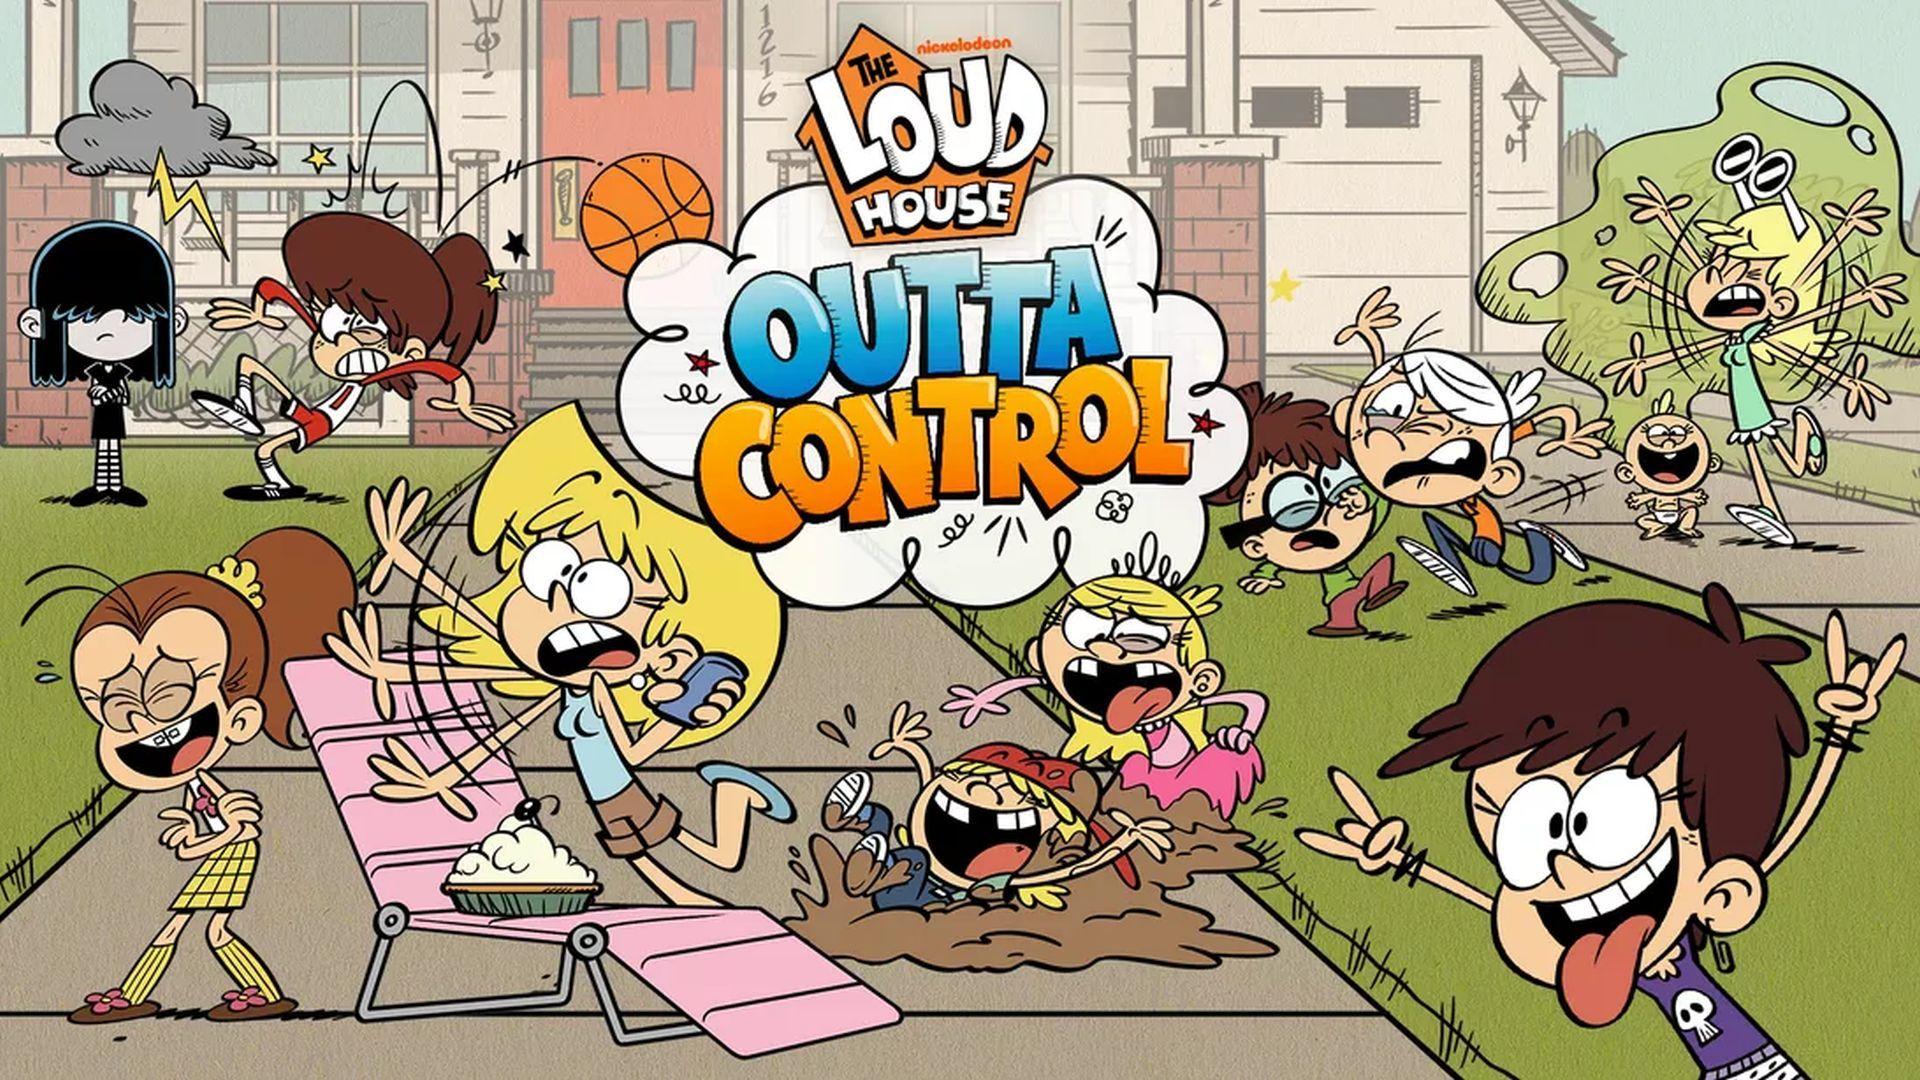 """Nowa gra """"Loud House: Outta Control"""" dostępna w usłudze Apple Arcade"""